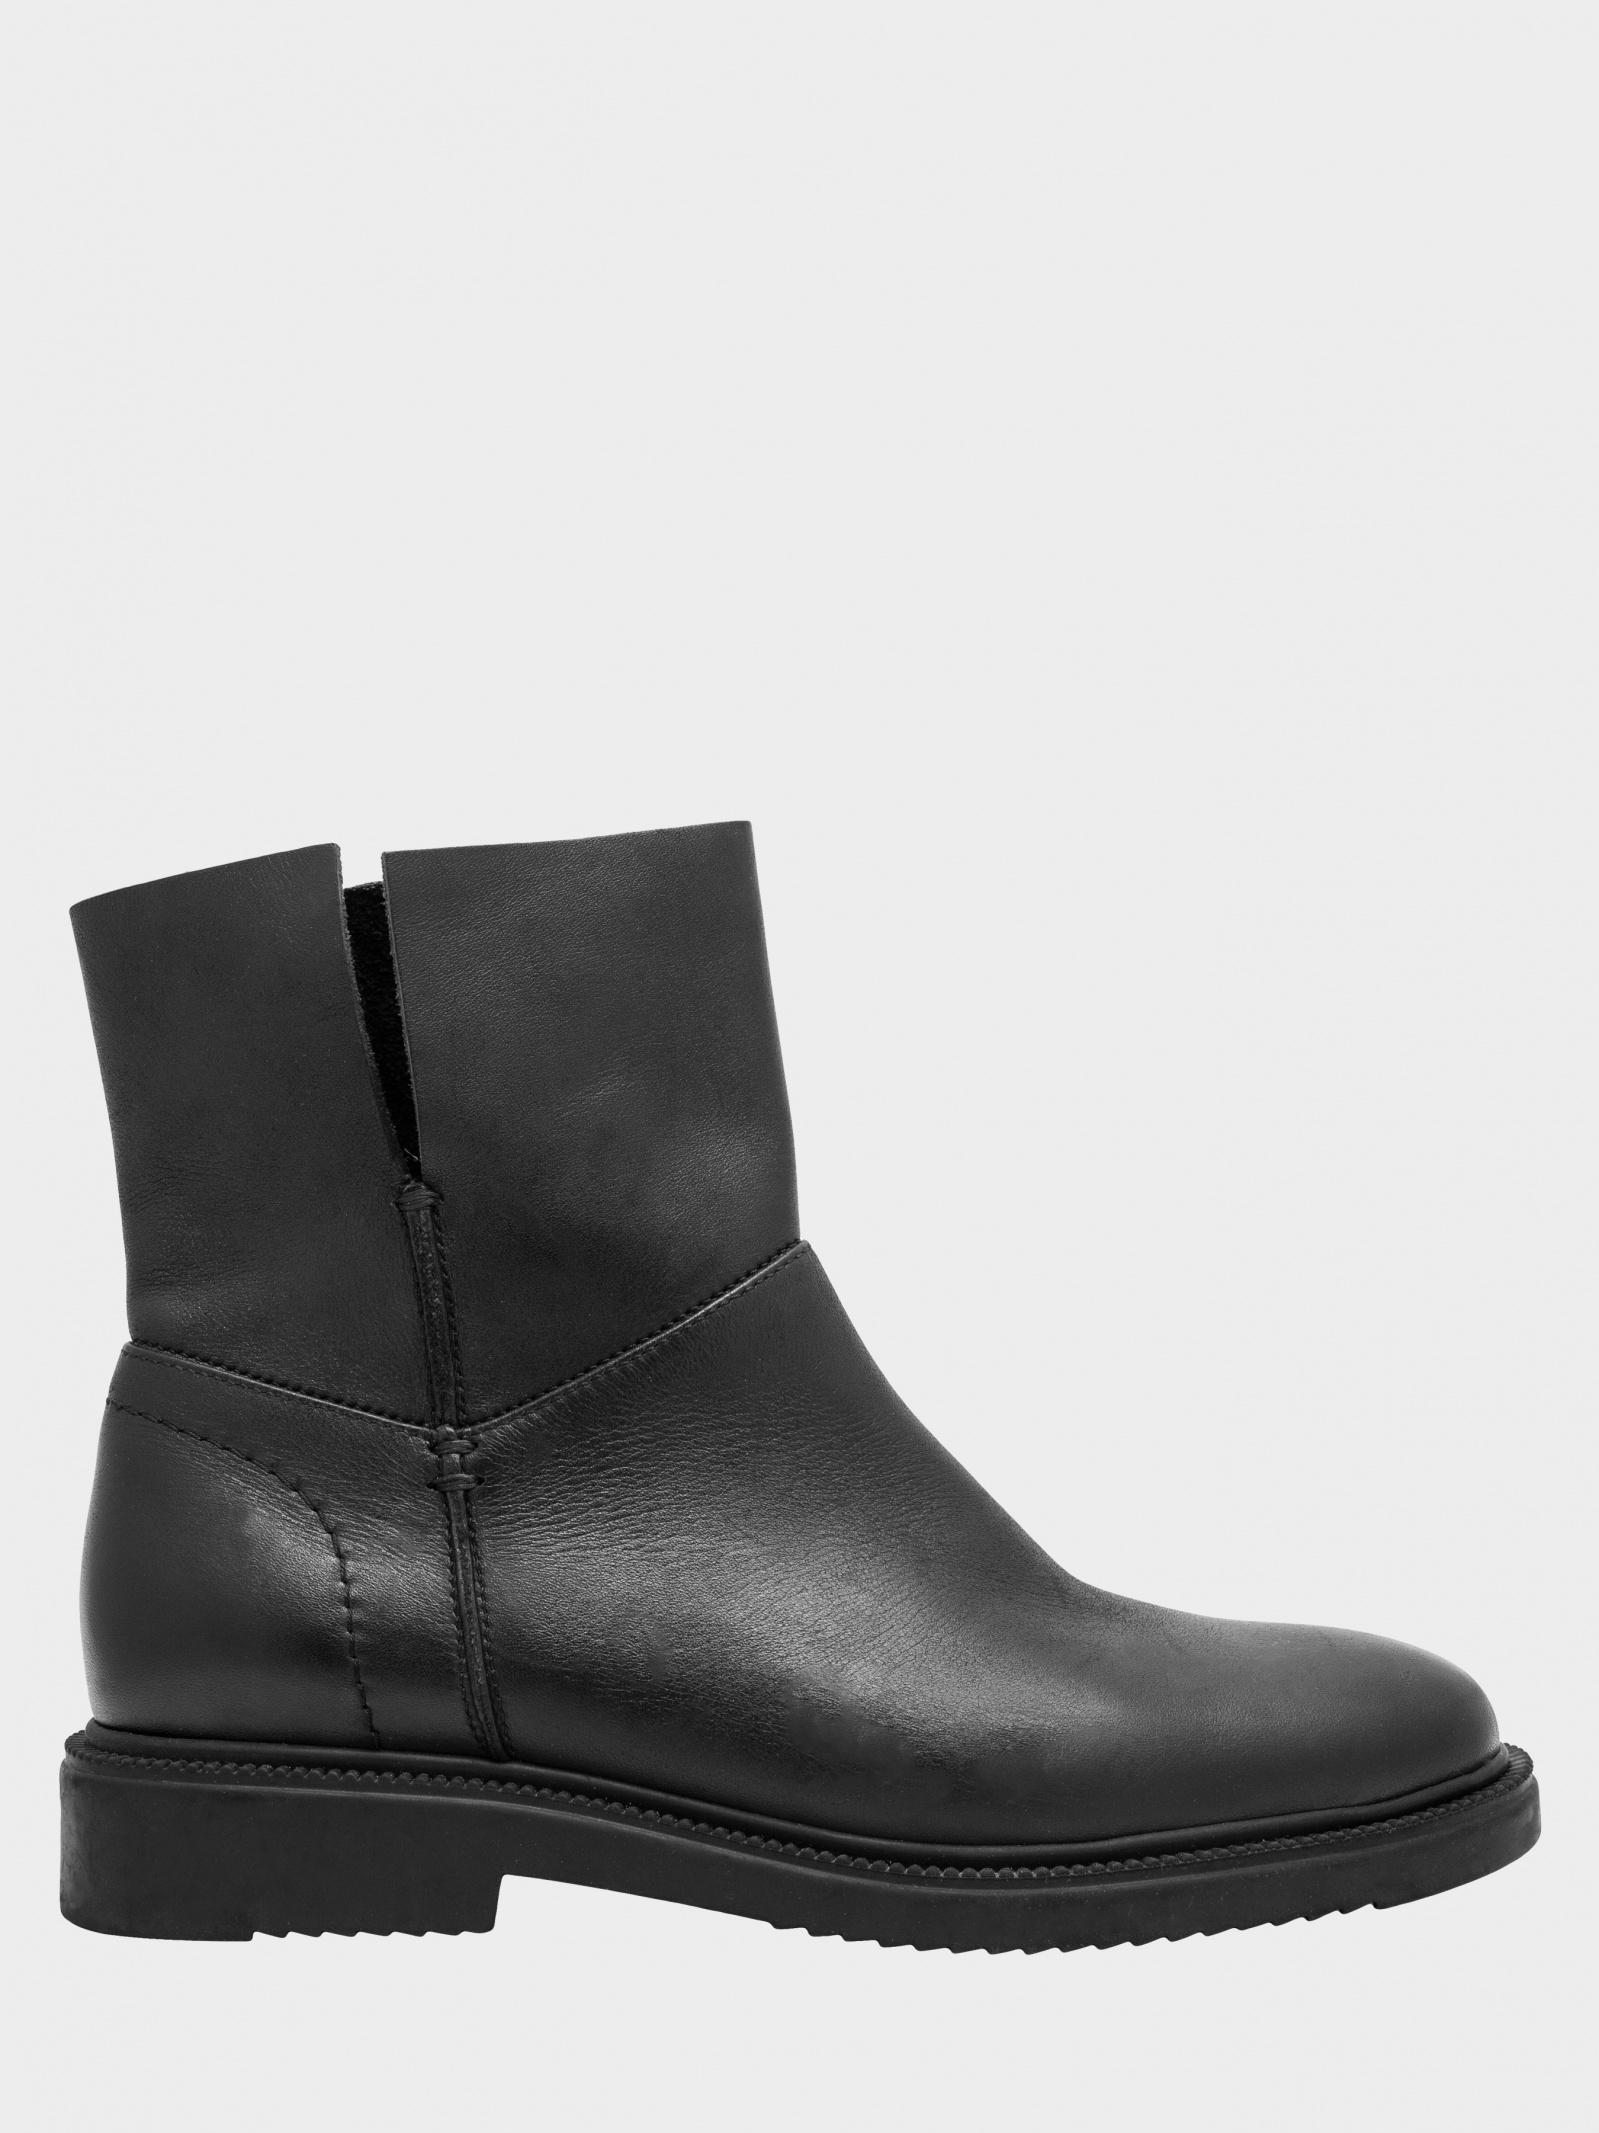 Черевики  для жінок Enzo Verratti 18-3264-3 купити взуття, 2017